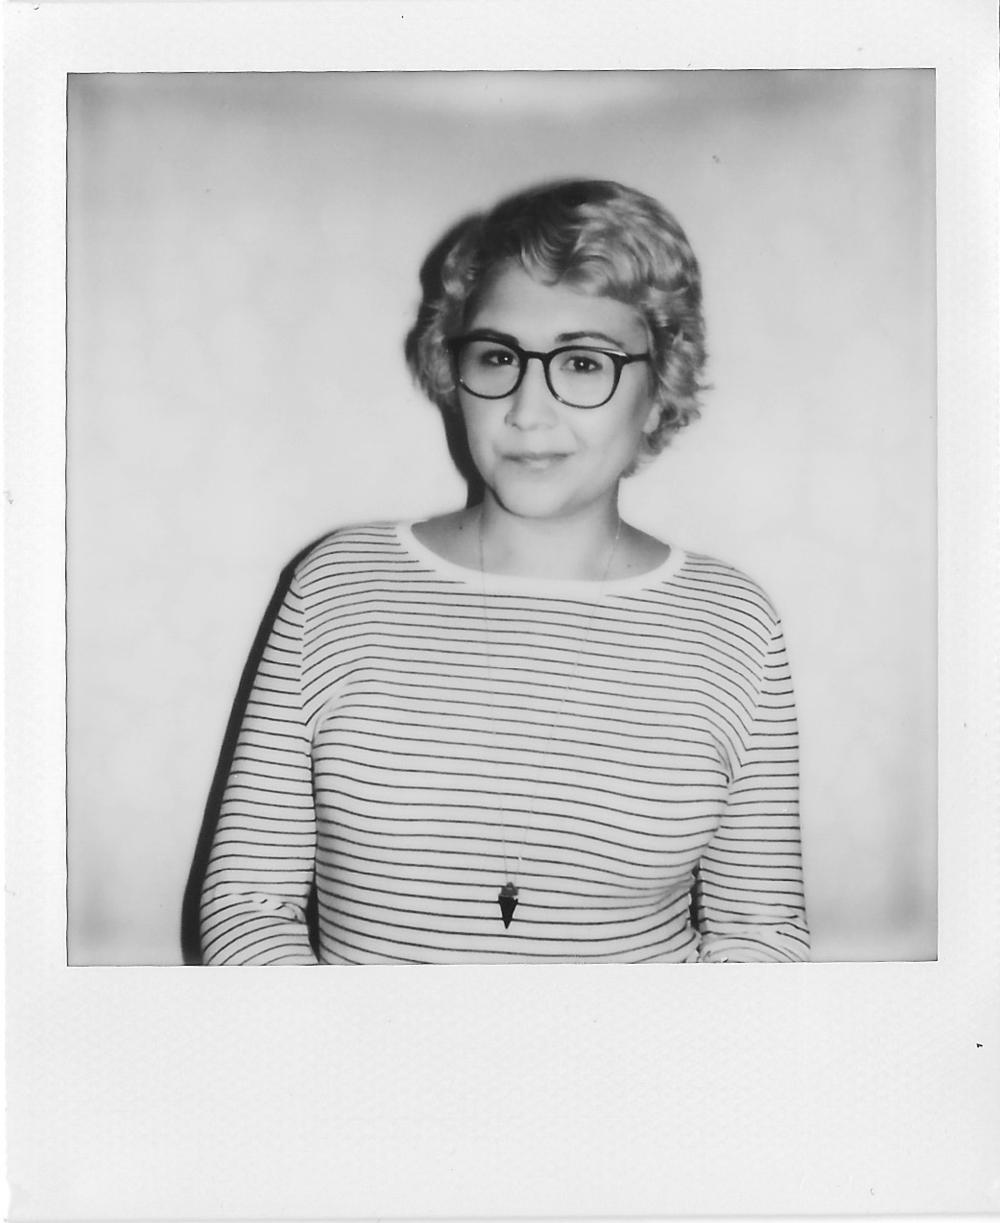 anna gustafson - Director | Editor | WriterGo to Anna's website ➝